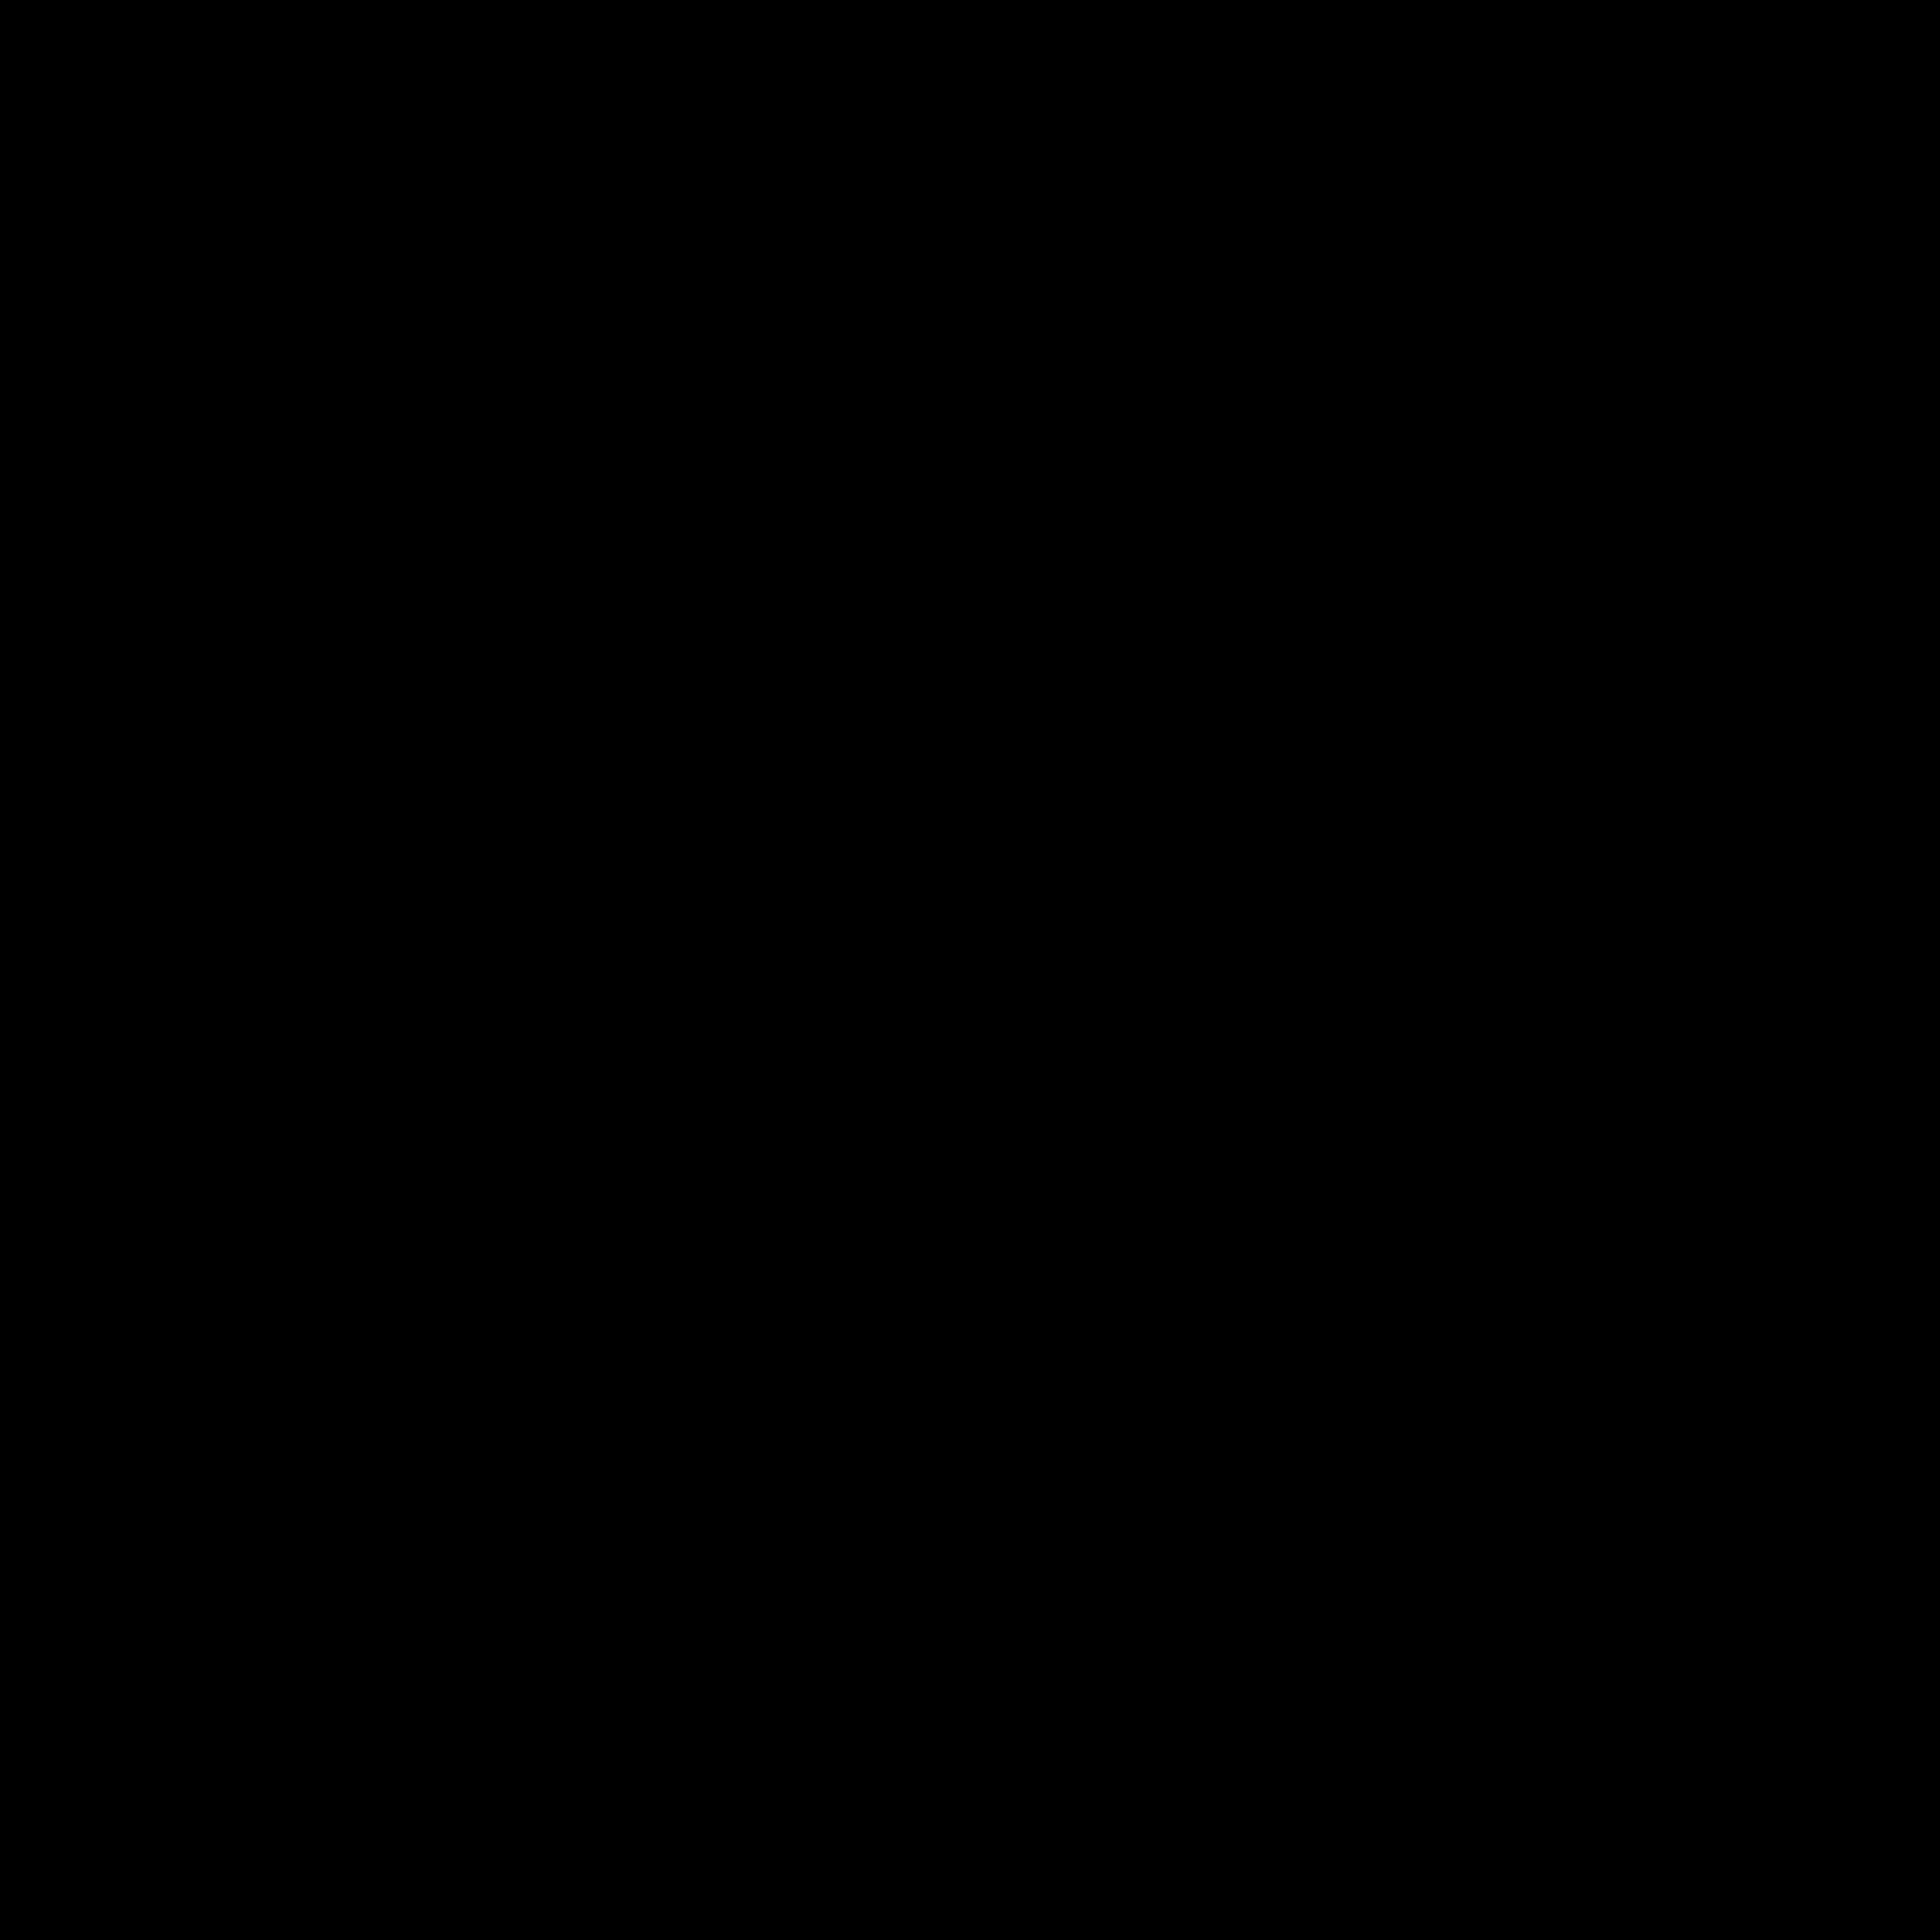 한국폴스포츠협회